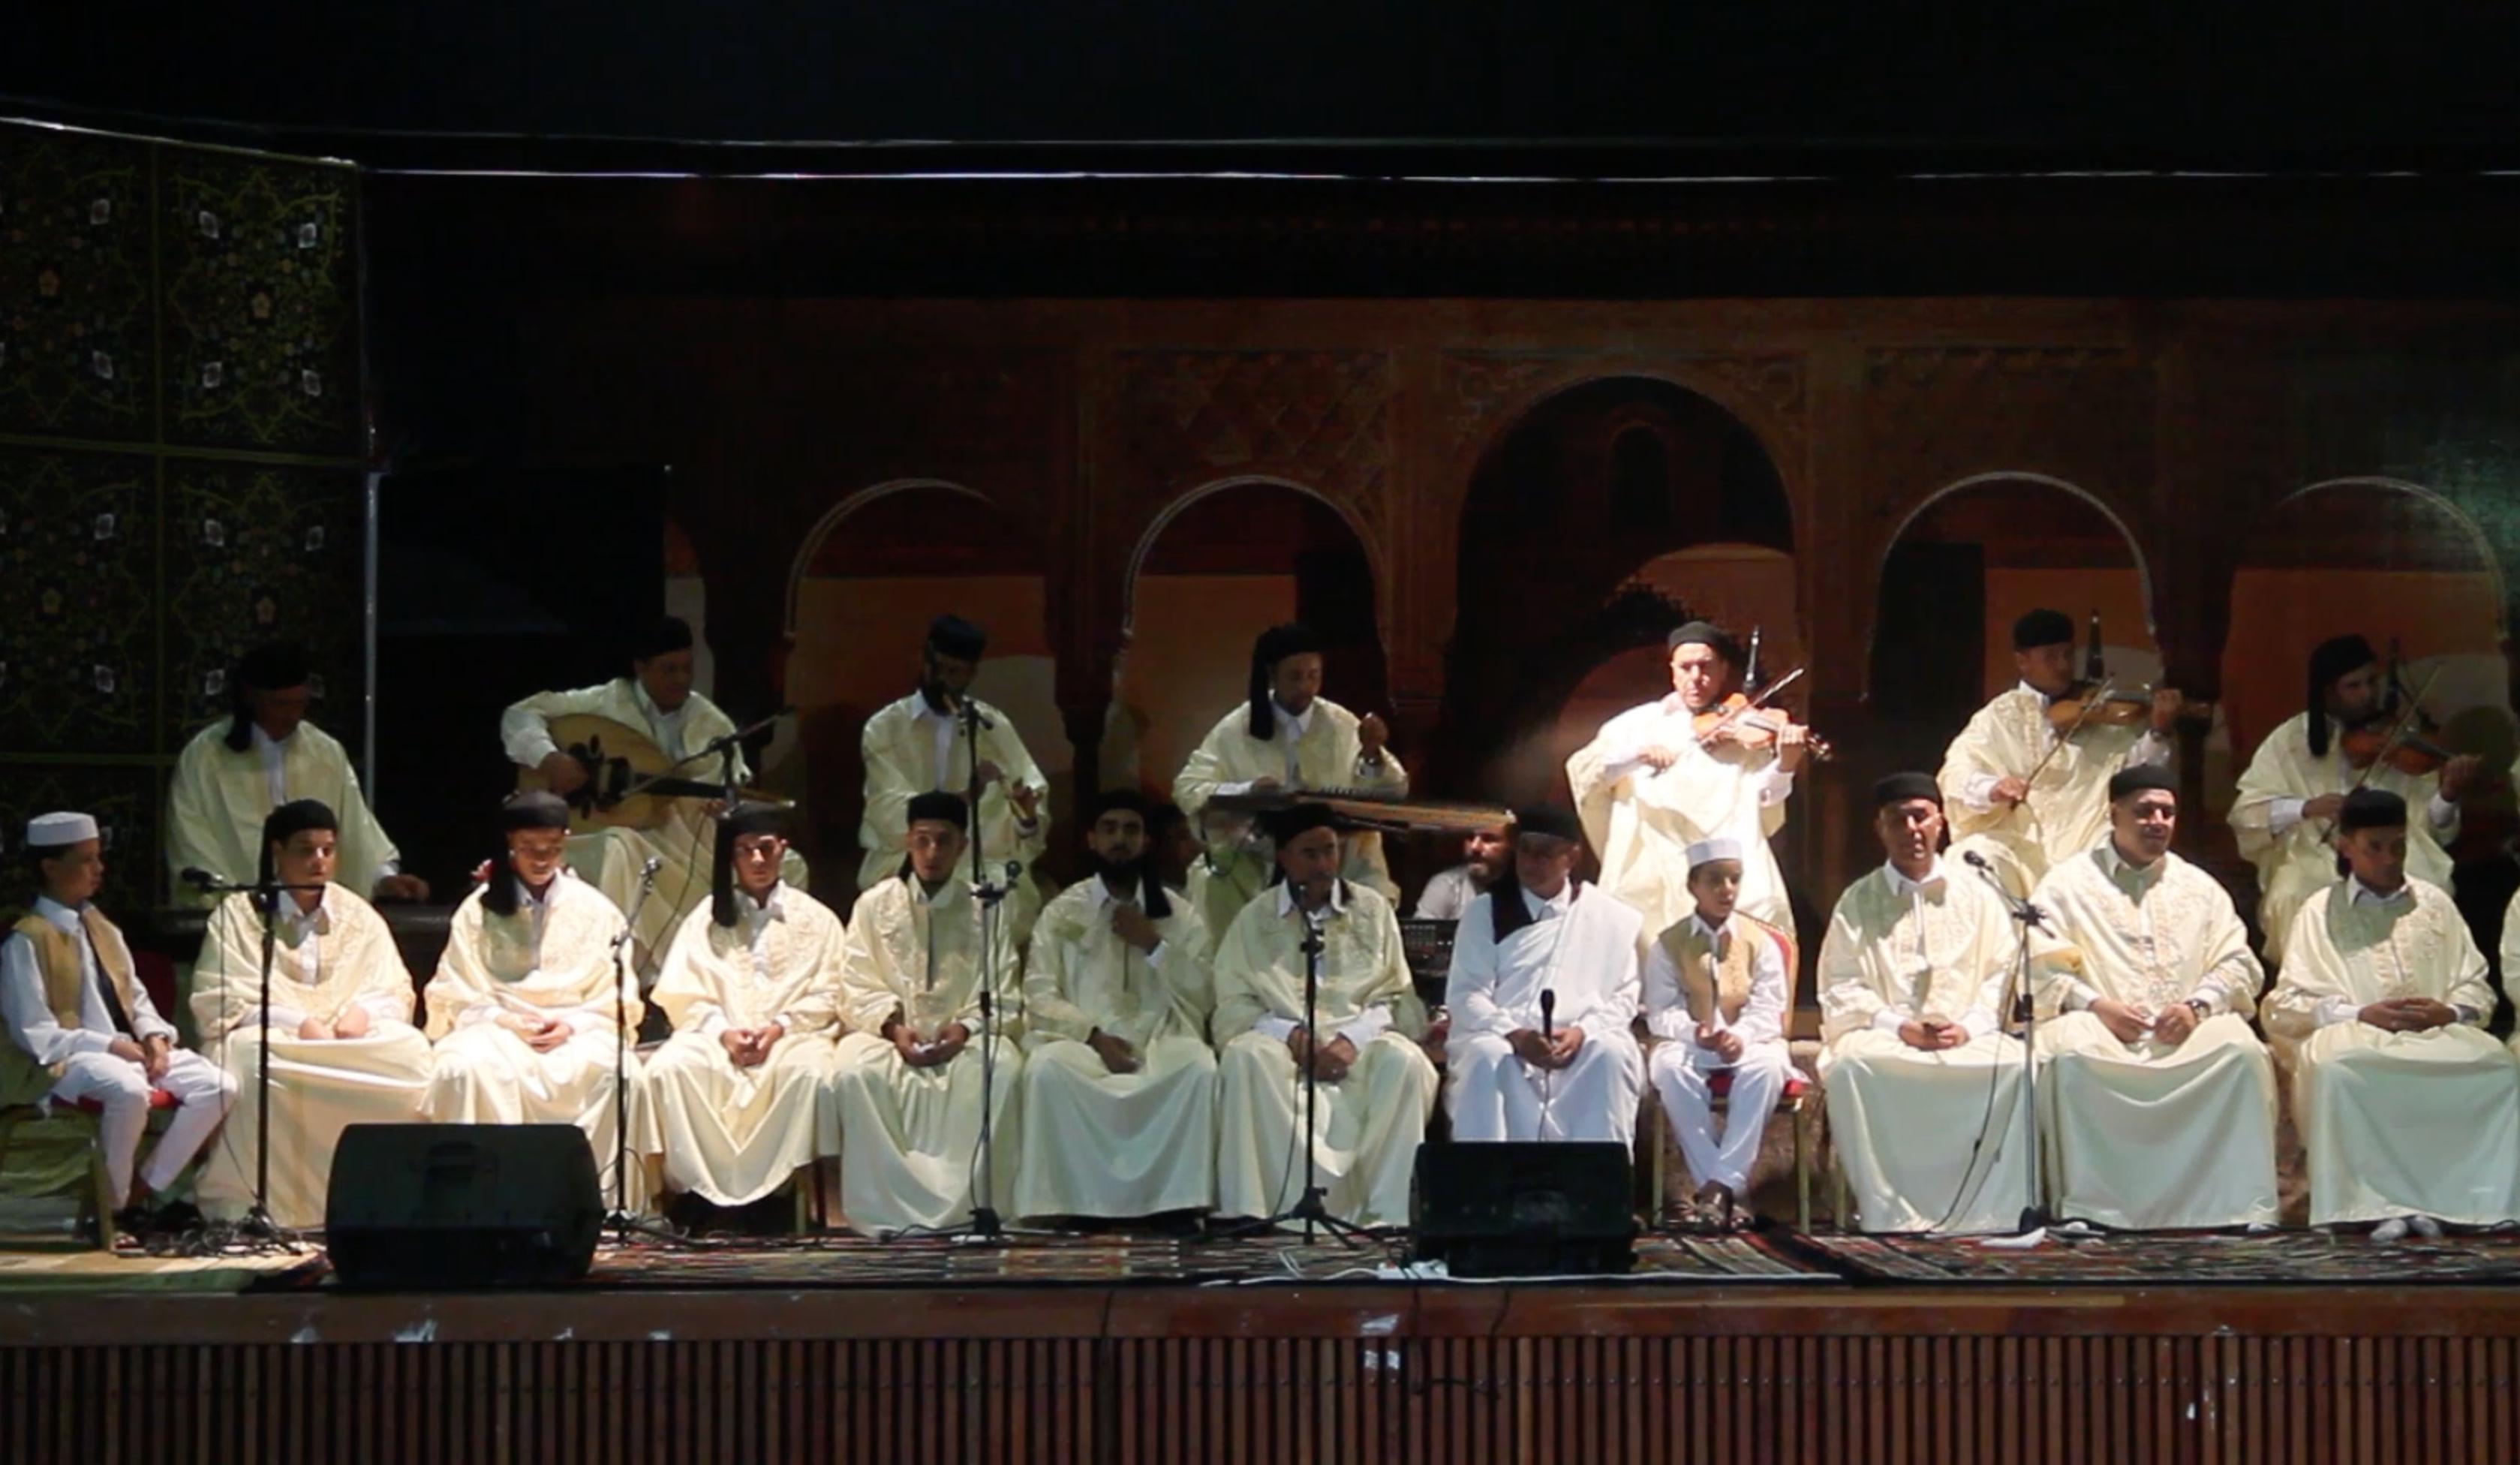 فرقة مصراتة للمالوف والموشحات والأناشيد الدينية